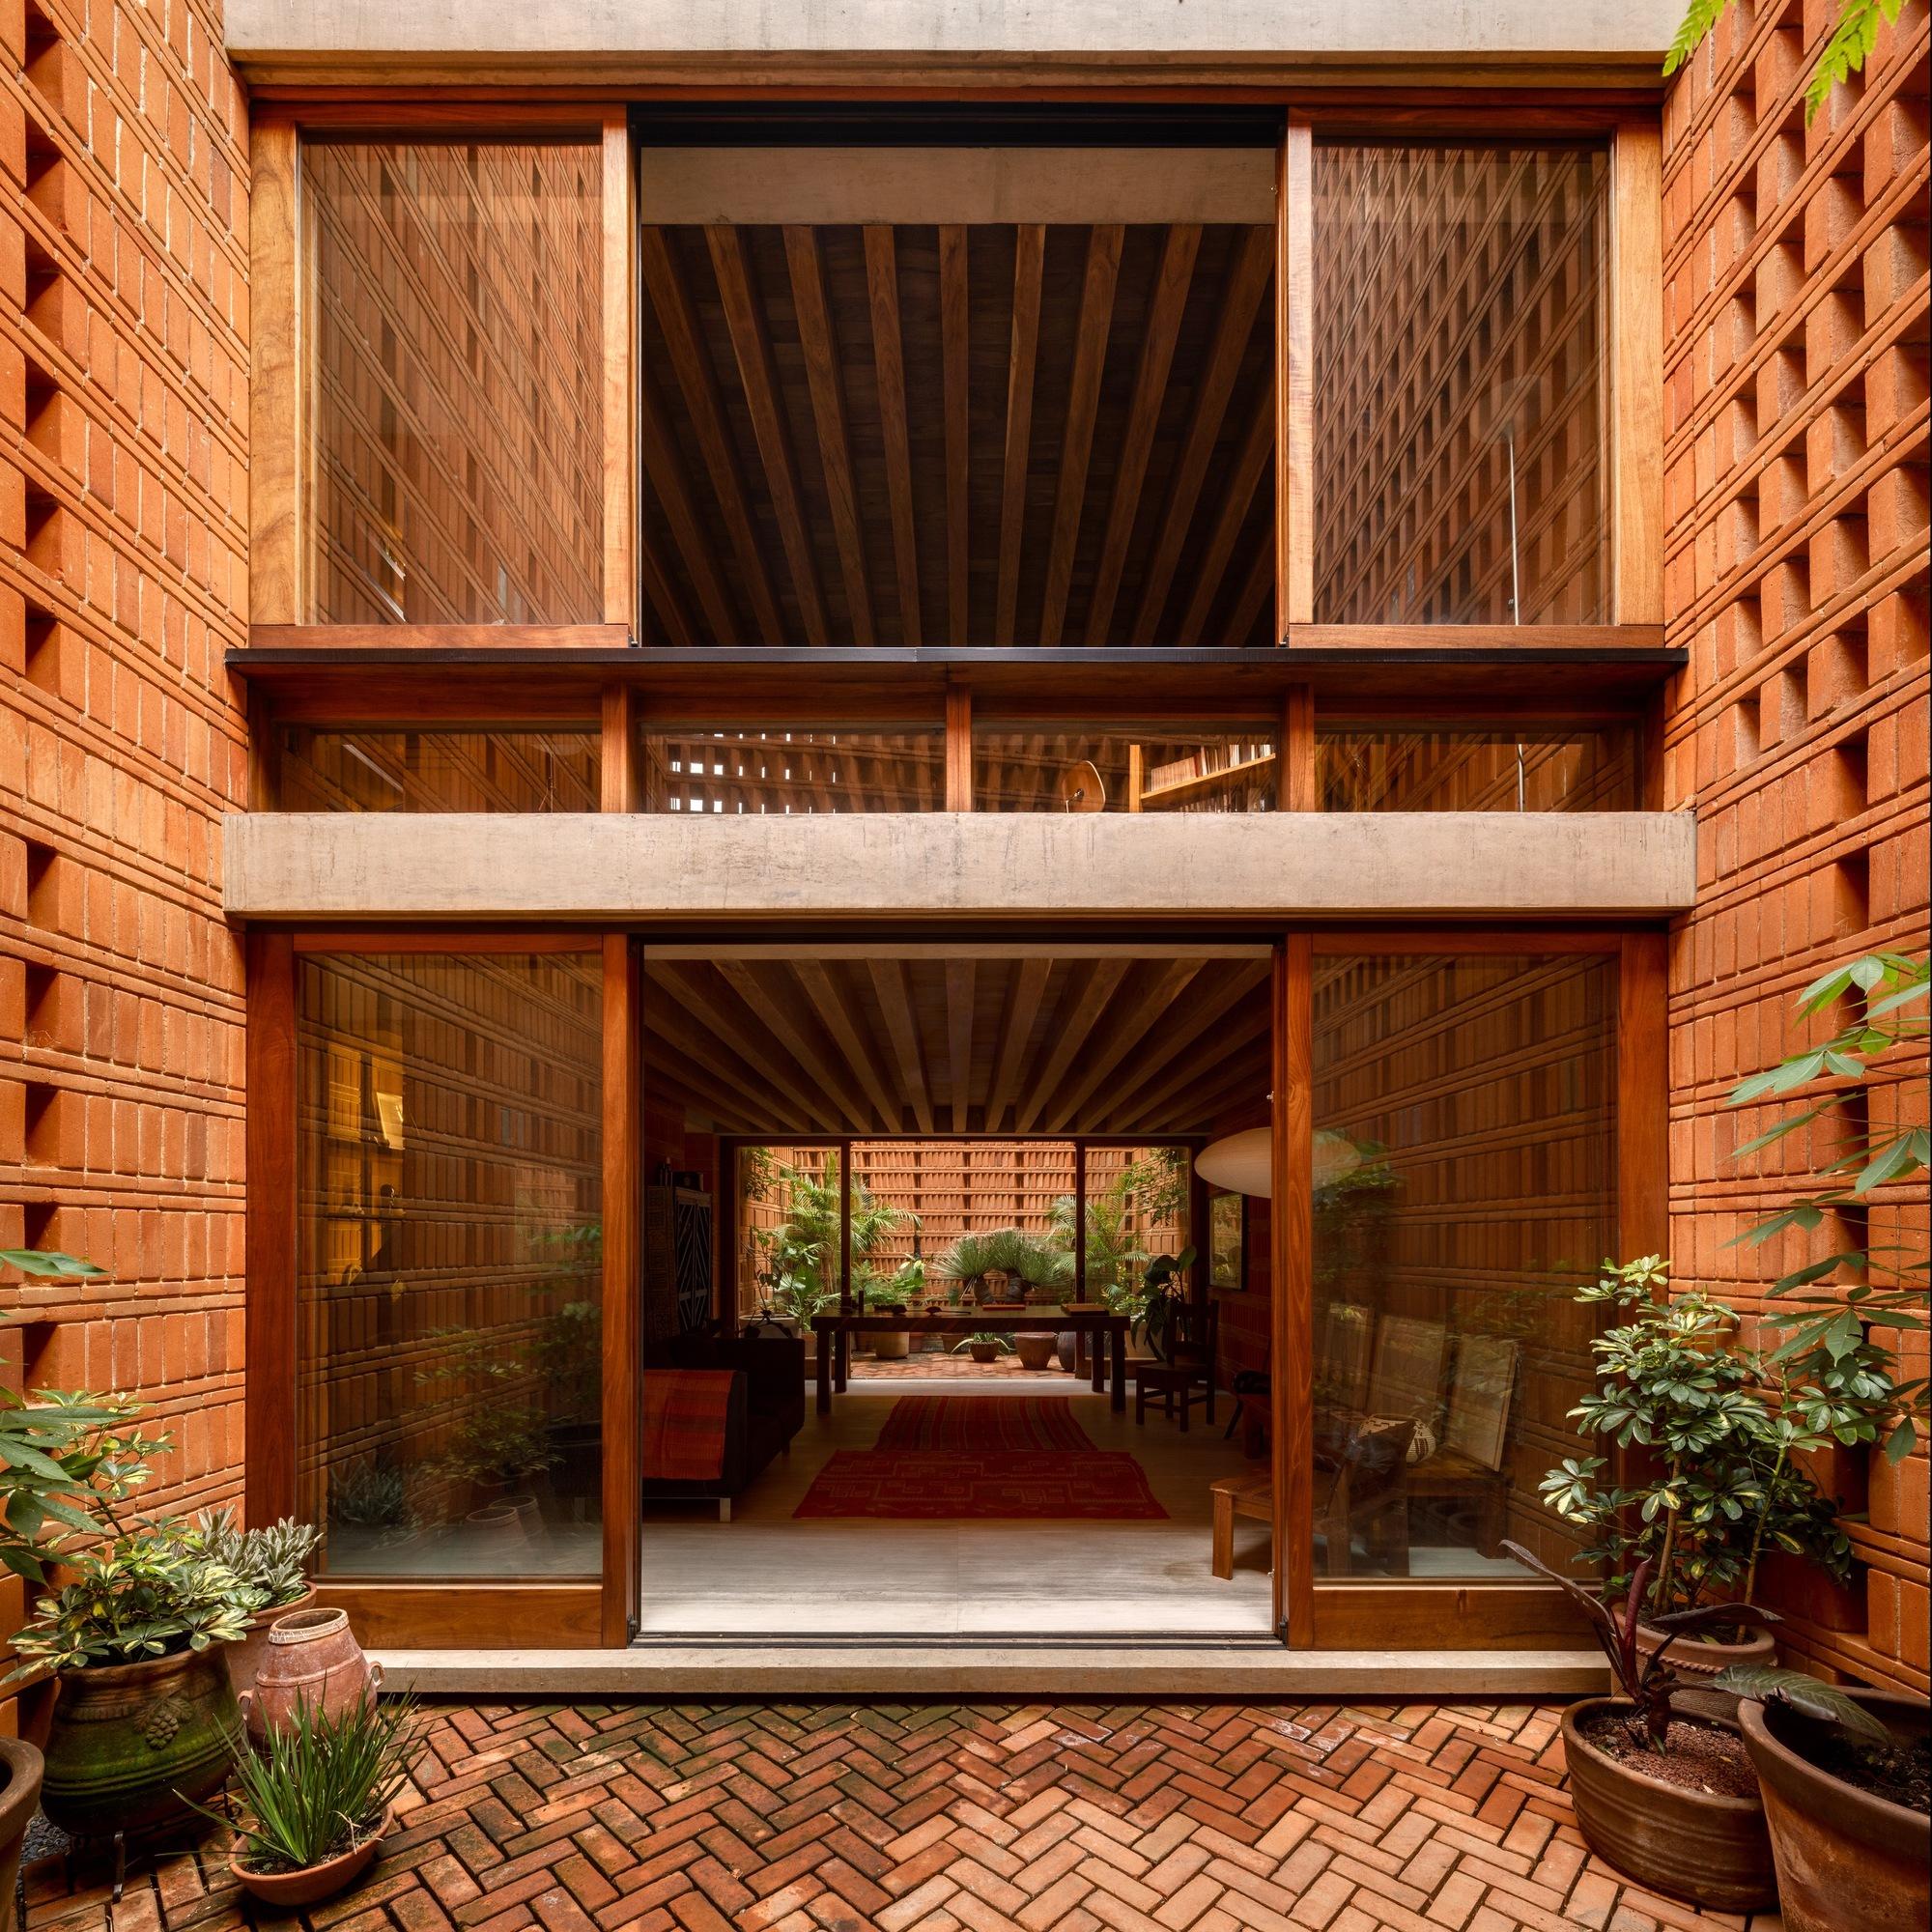 Estudio Iturbide / Taller de Arquitectura Mauricio Rocha + Gabriela Carrillo    ArchDaily México